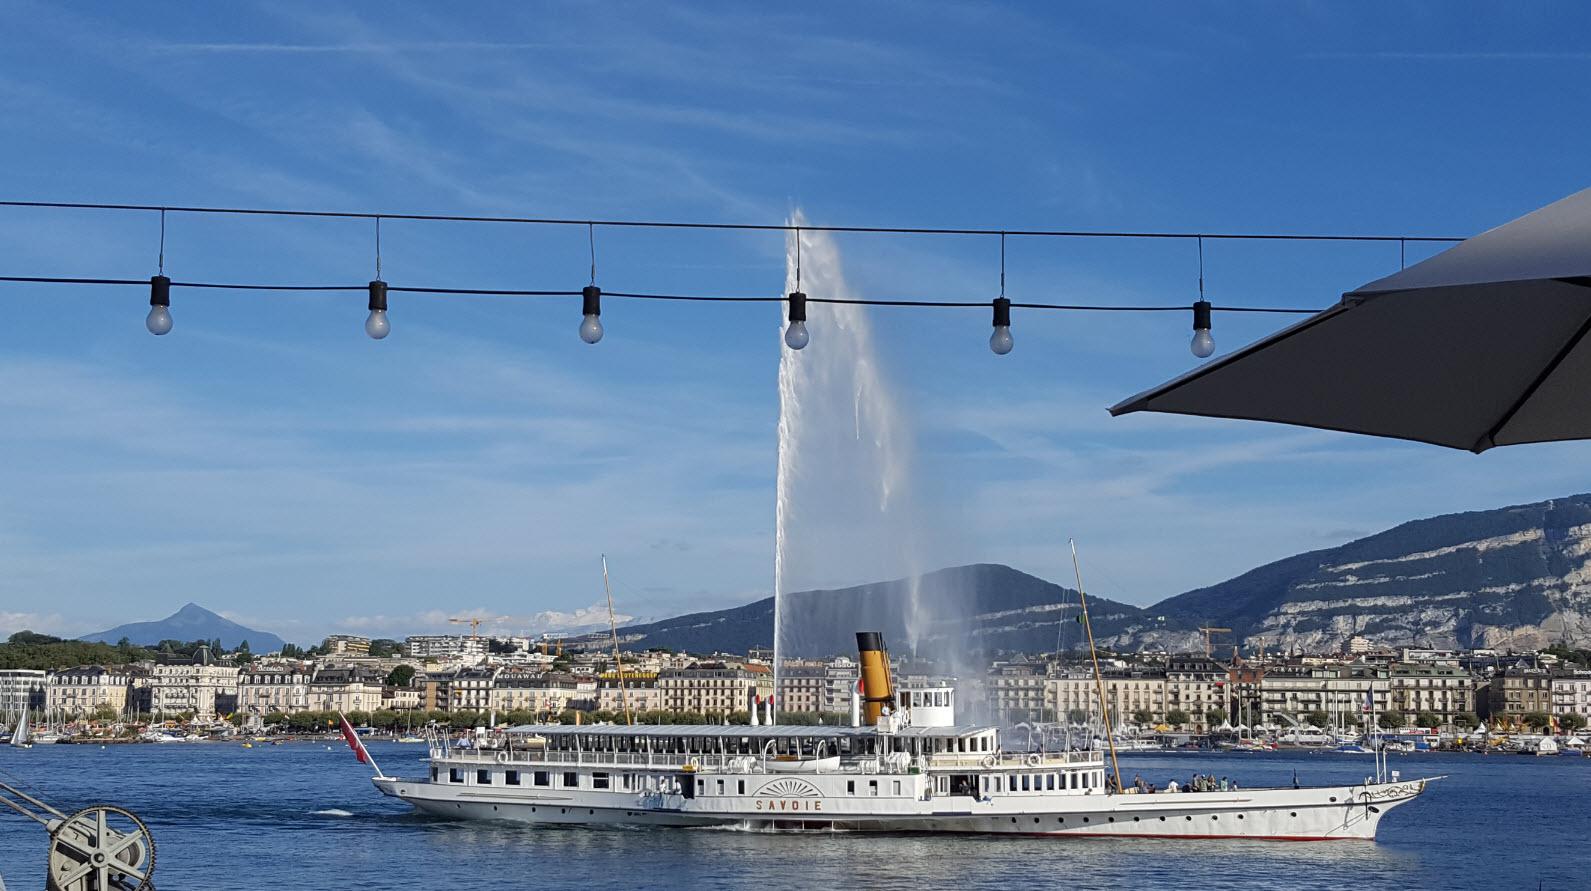 Bateau devant le jet d'eau Geneve